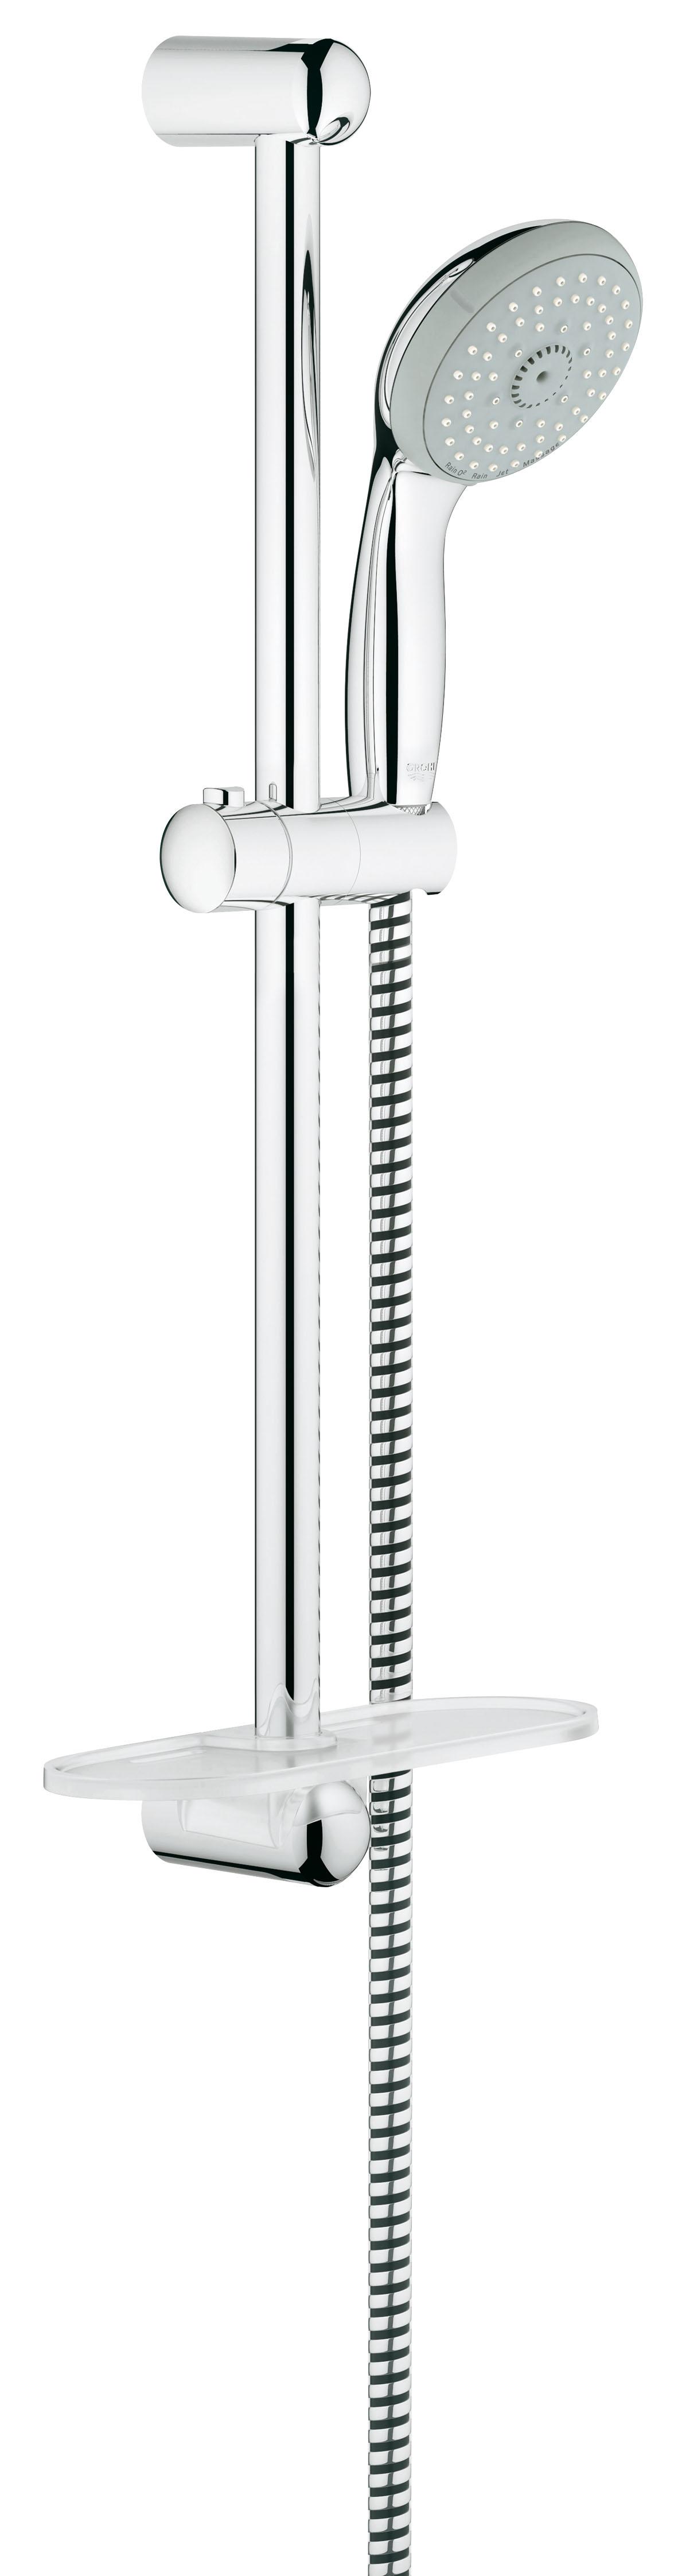 Душевой комплект с полочкой GROHE New Tempesta, штанга 600мм. (28593001)TKO 2403Включает в себя: Ручной душ (28 578 001) Душевая штанга, 600 мм (27 523 000) Душевой шланг Relexaflex 1750 мм 1/2? x 1/2? (28 154 000) Полочка GROHE EasyReach™(27 596 000) GROHE DreamSpray превосходный поток воды GROHE StarLight хромированная поверхностьС системой SpeedClean против известковых отложений Внутренний охлаждающий канал для продолжительного срока службы ShockProof силиконовое кольцо, предотвращающееПовреждение поверхности при падении ручного душа Может использоваться с проточным водонагревателемВидео по установке является исключительно информационным. Установка должна проводиться профессионалами!